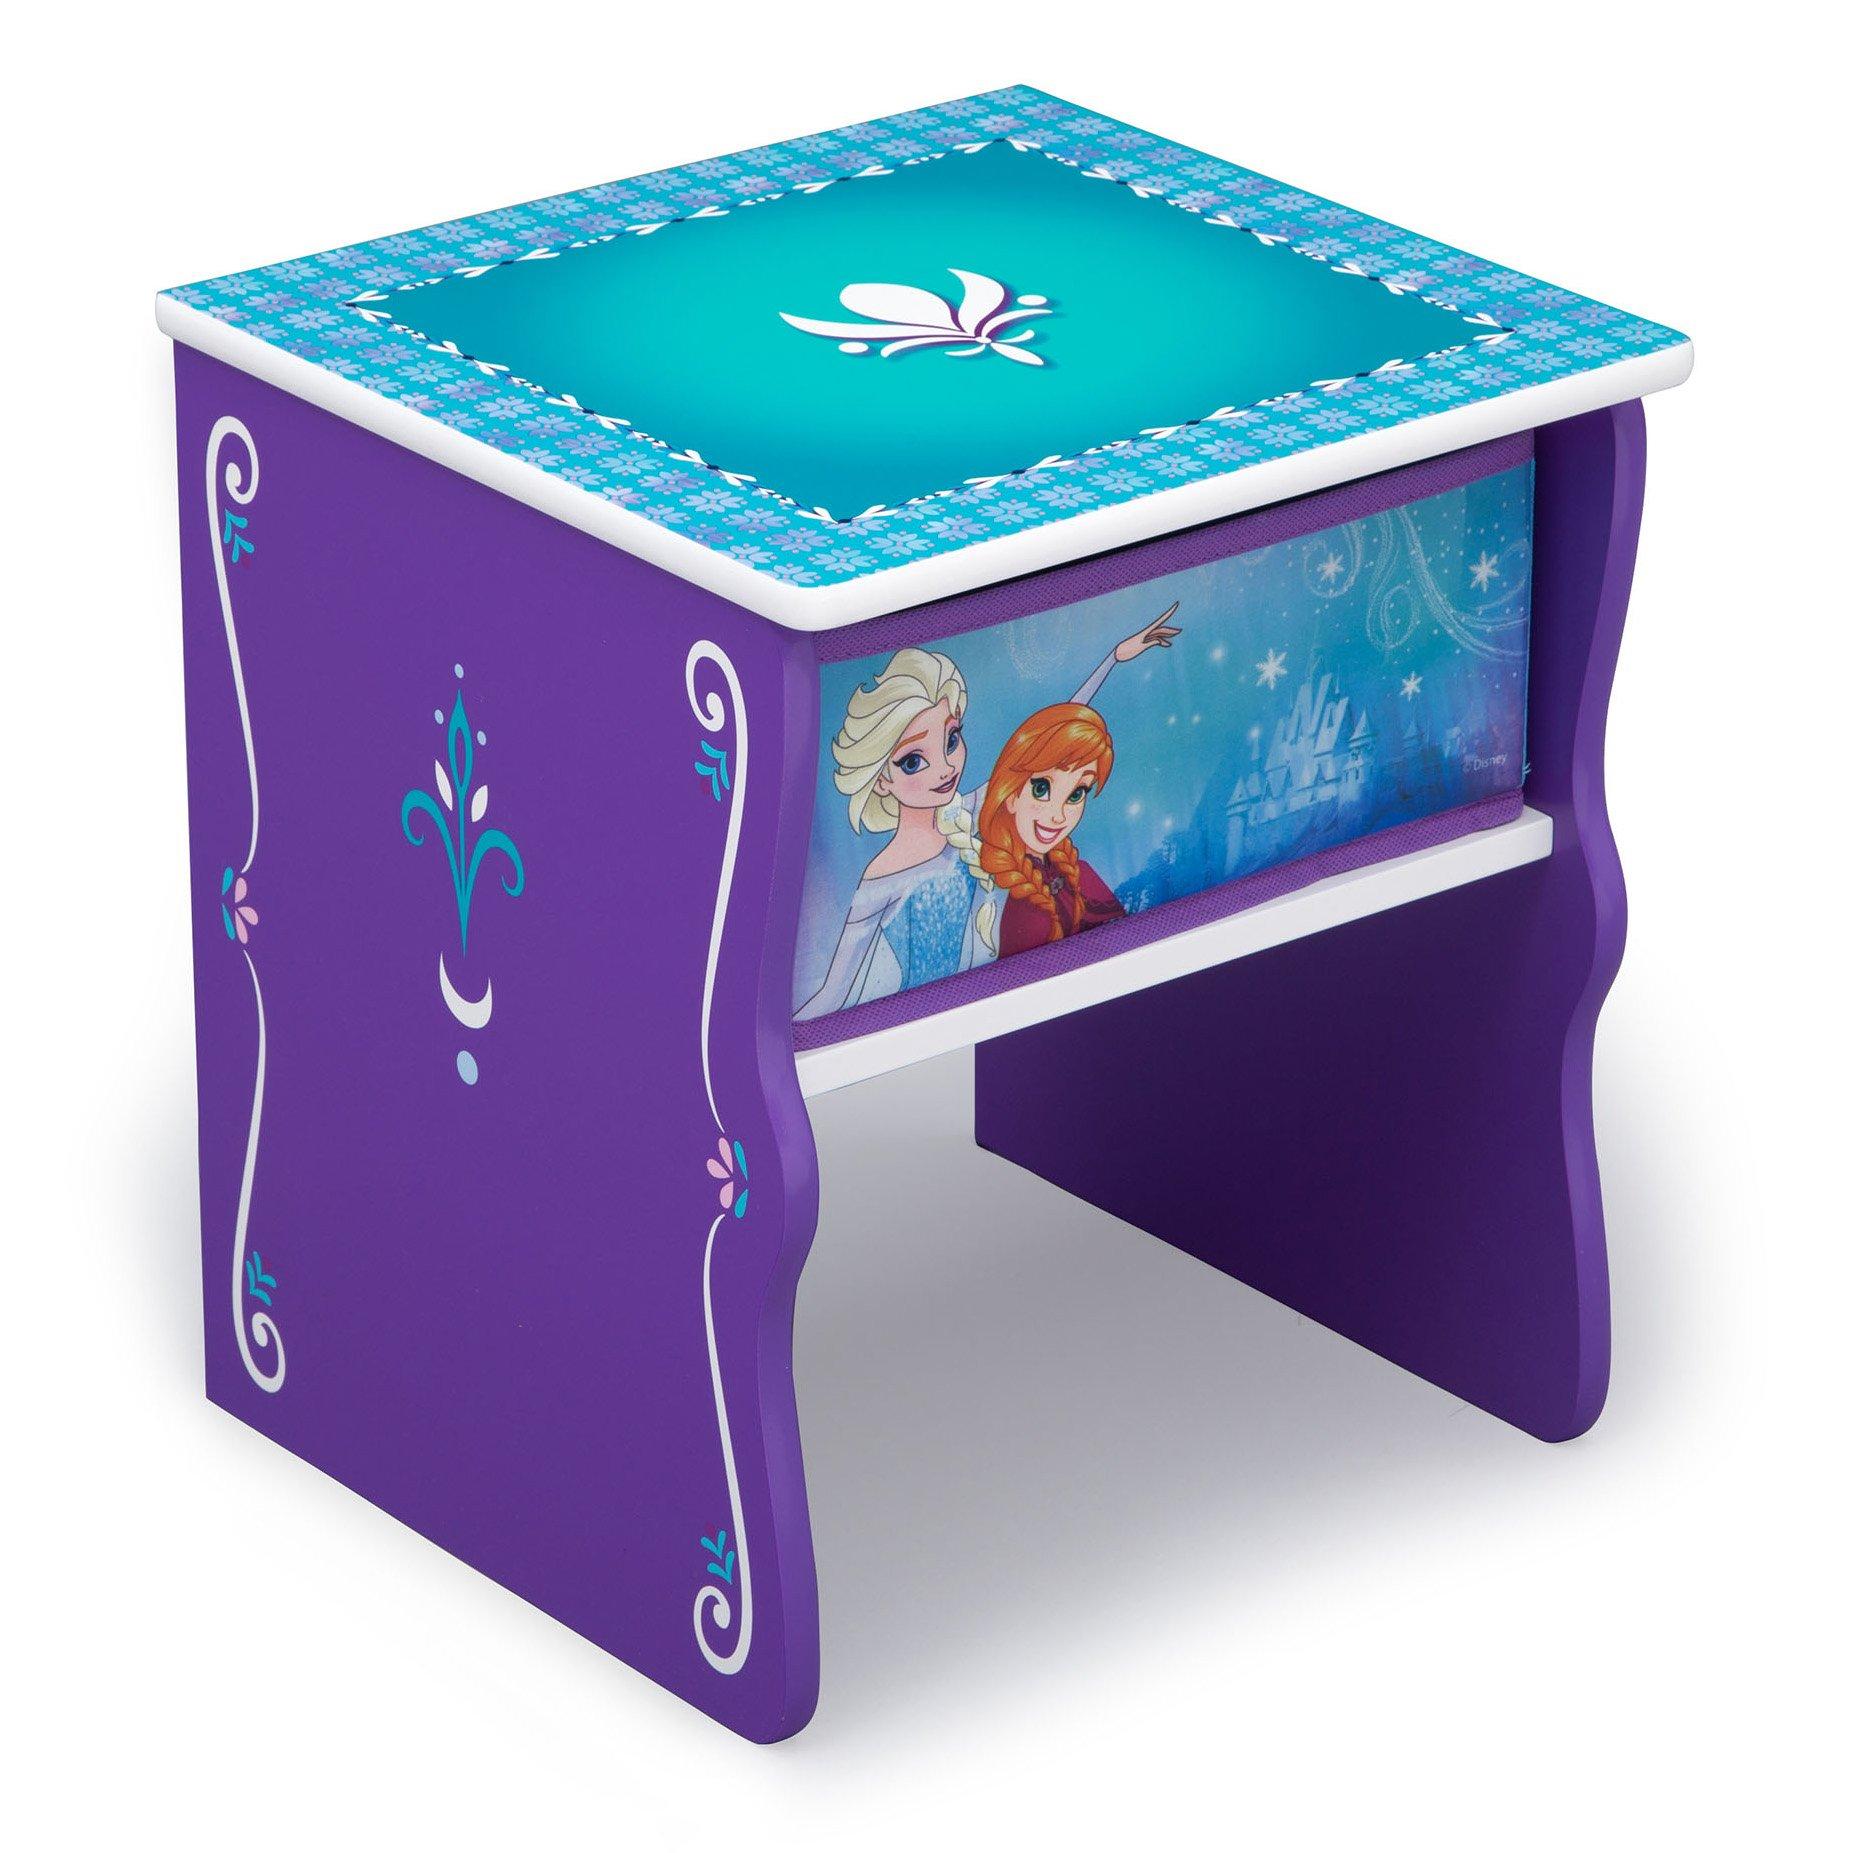 Delta Children Side Table with Storage, Disney Frozen